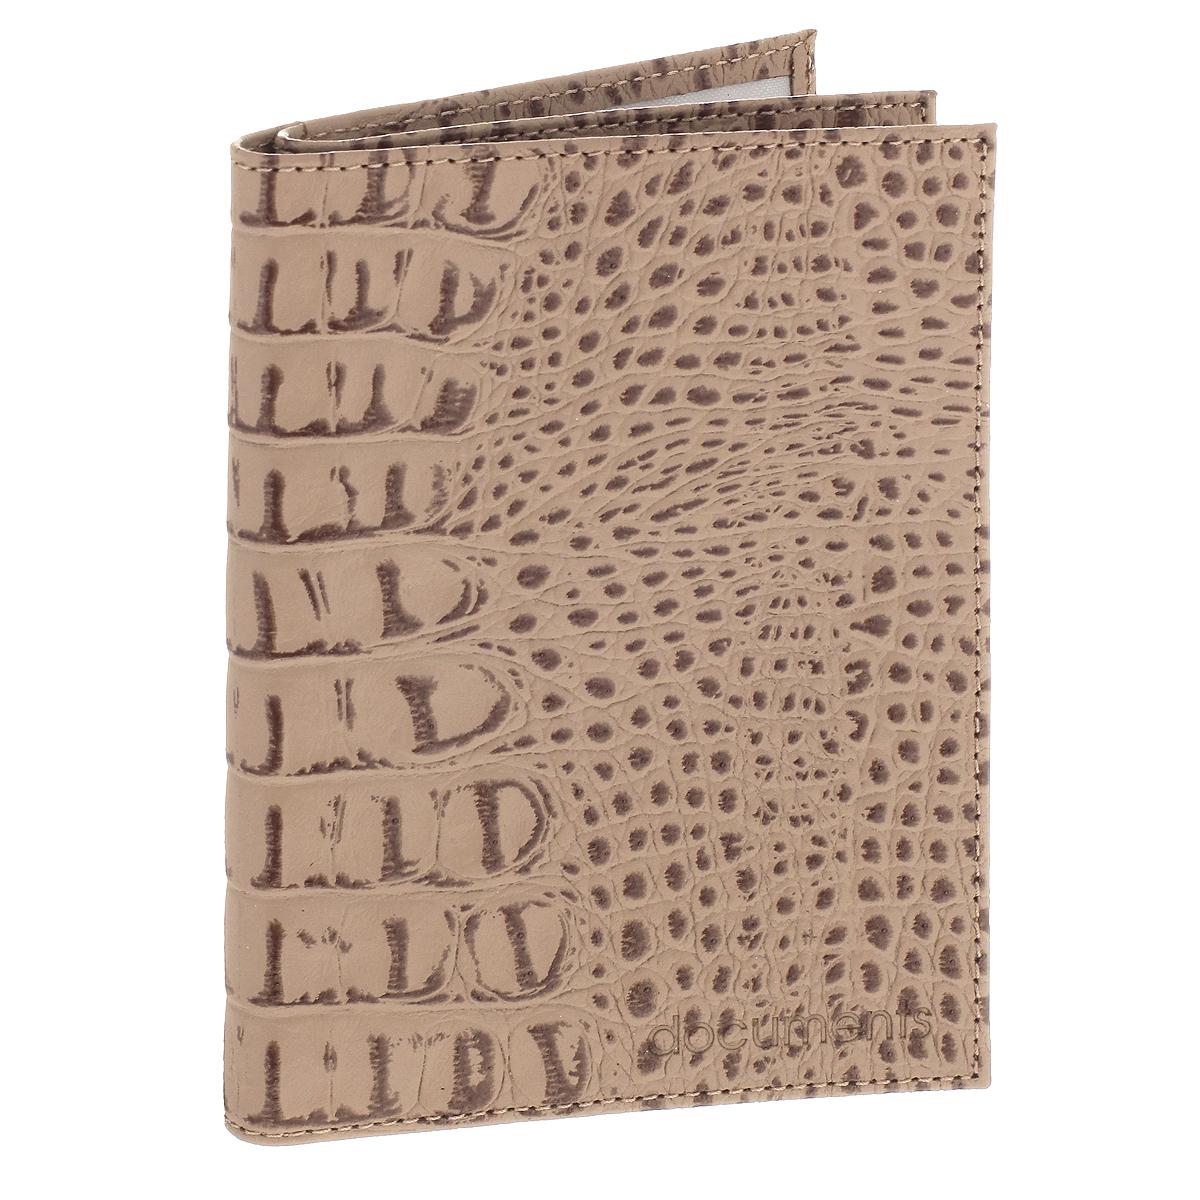 Бумажник водителя Befler, цвет: бежевый. BV.22.-13BV.22.-13. бежевыйУльтрамодный бумажник водителя Befler изготовлен из натуральной кожи и декорирован тиснением под рептилию. Изделие с обеих сторон дополнено тиснеными надписями. В бумажнике два отделения. Первое предназначено для автодокументов, содержит съемный блок из 6 прозрачных файлов и два боковых кармана (один - с окошком из пластика). Второе - для паспорта, содержит два боковых прозрачных кармана, которые обеспечат надежную фиксацию вашего документа. Изделие упаковано в фирменную коробку. Такой бумажник не только защитит ваши документы, но и станет стильным аксессуаром, который прекрасно дополнит образ.